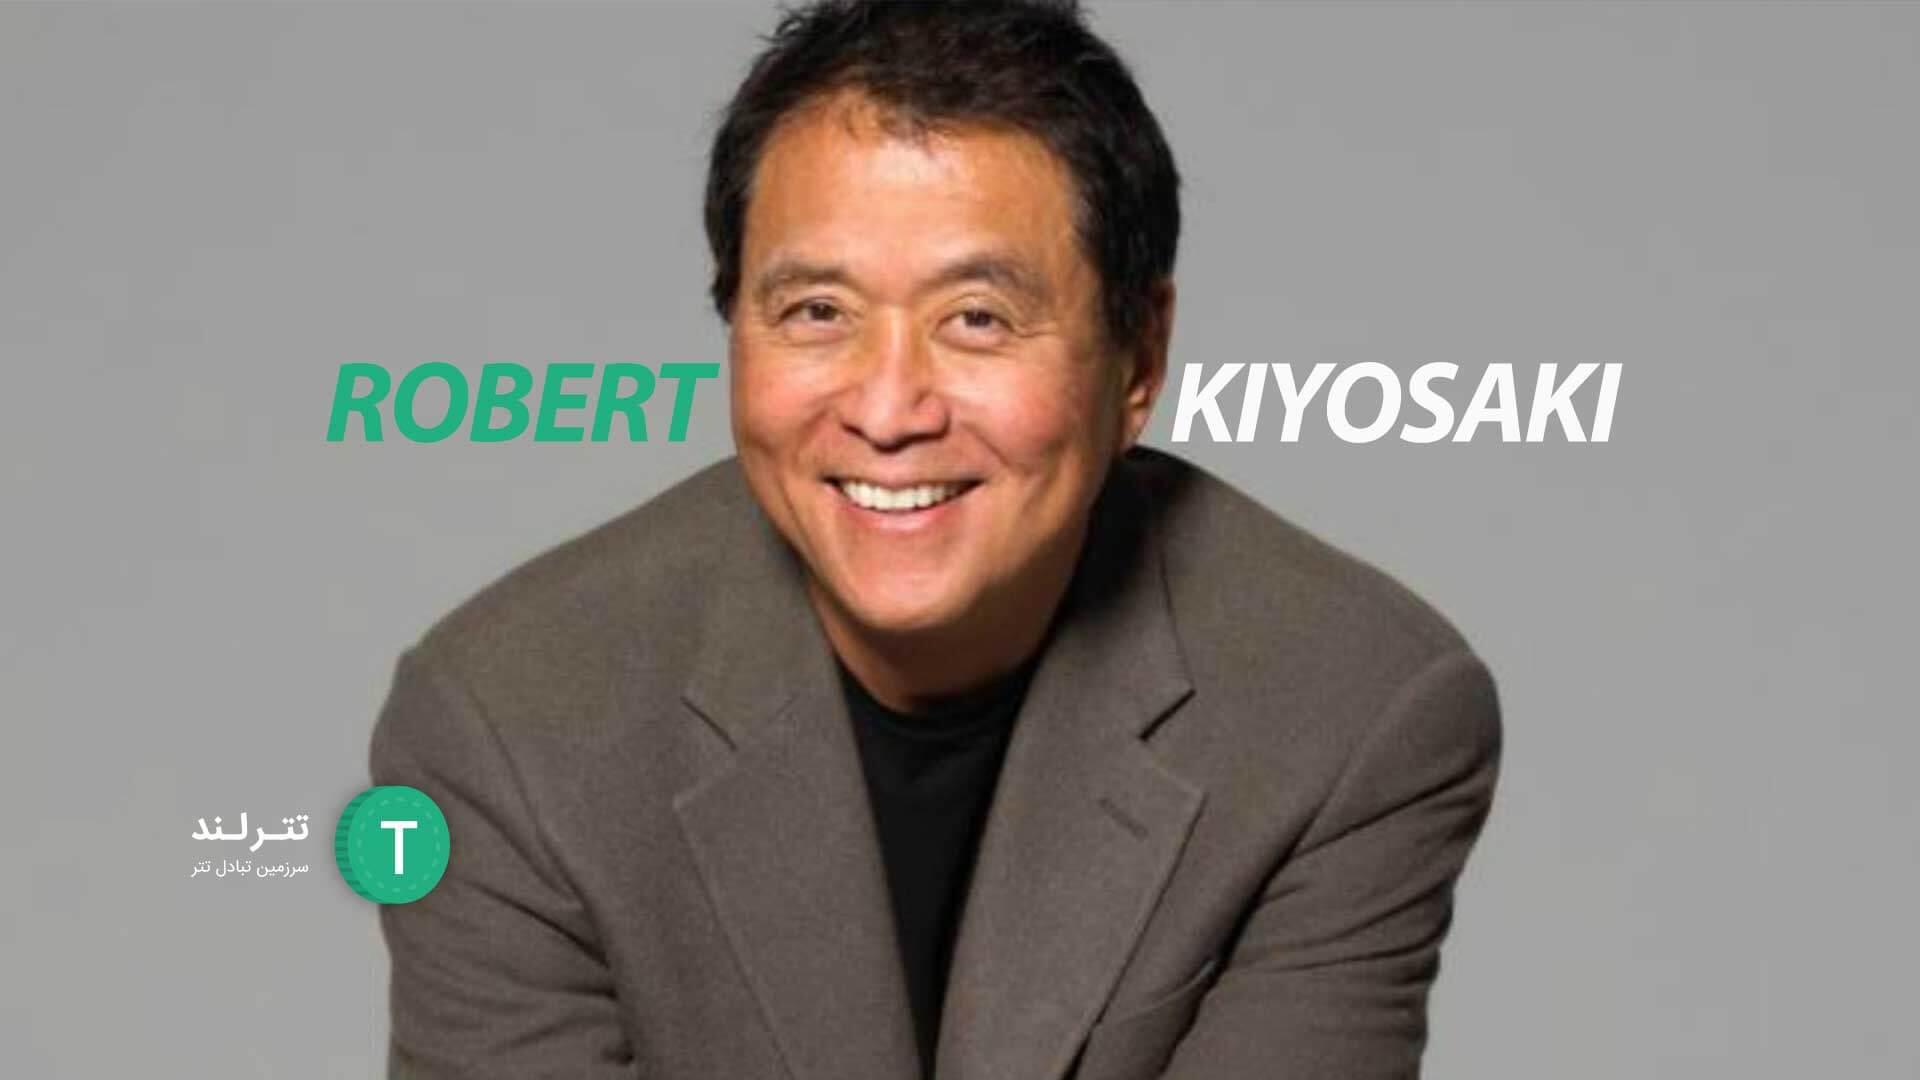 Robert--Kiyosaki